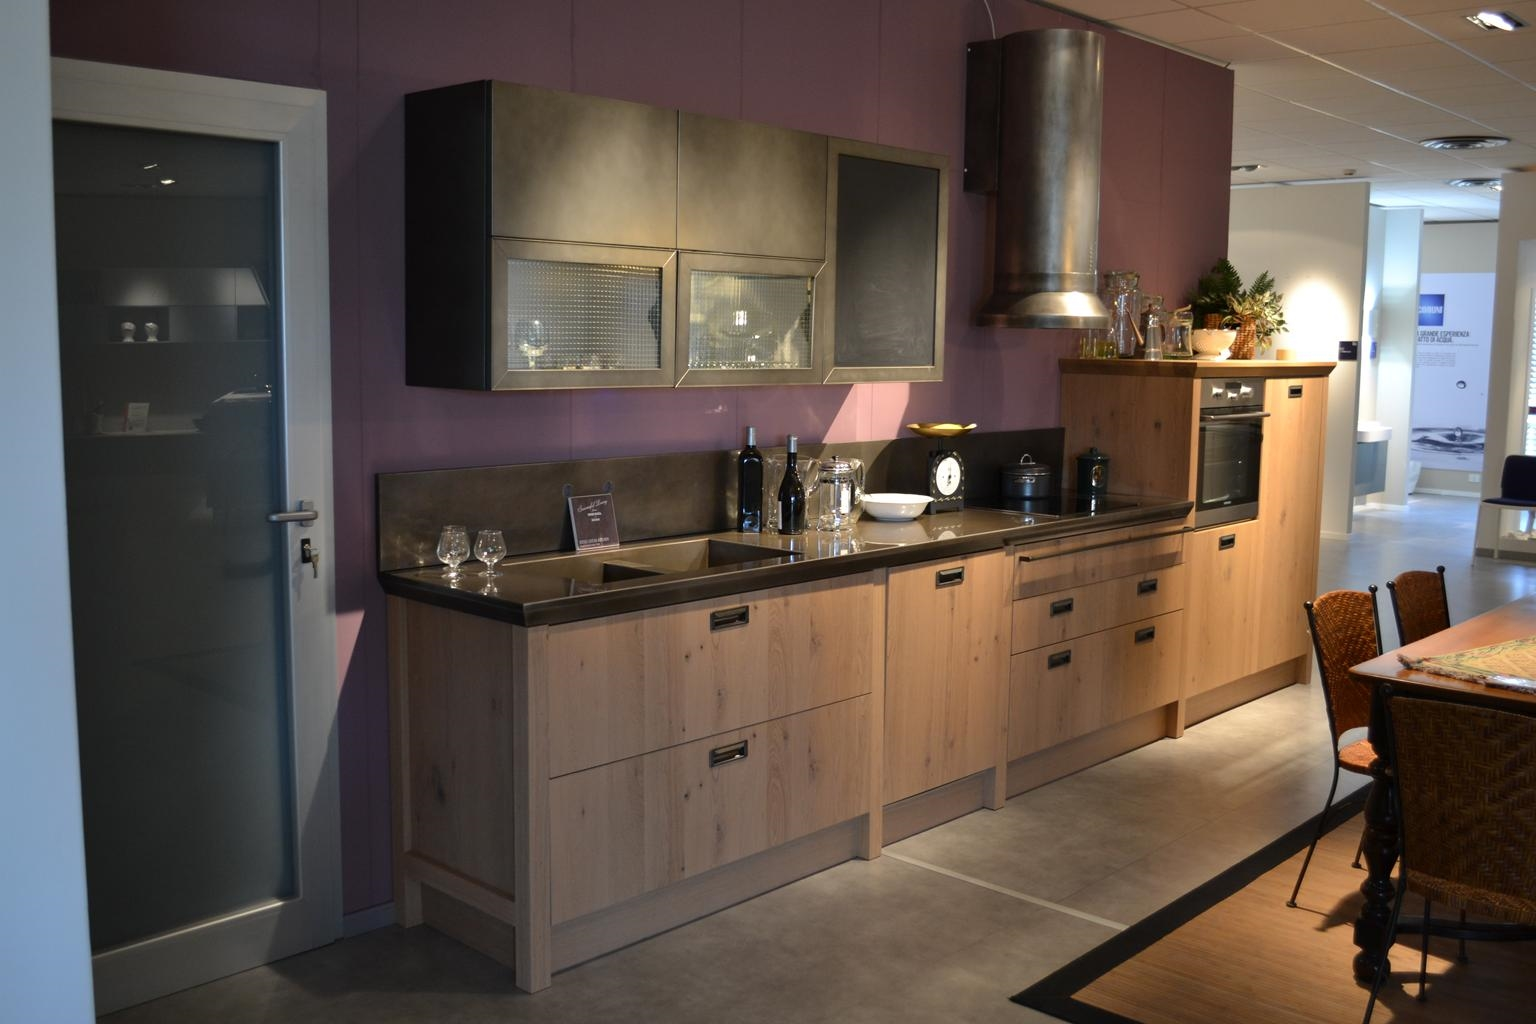 Cucina scavolini diesel cucine a prezzi scontati for Cucine scavolini prezzi